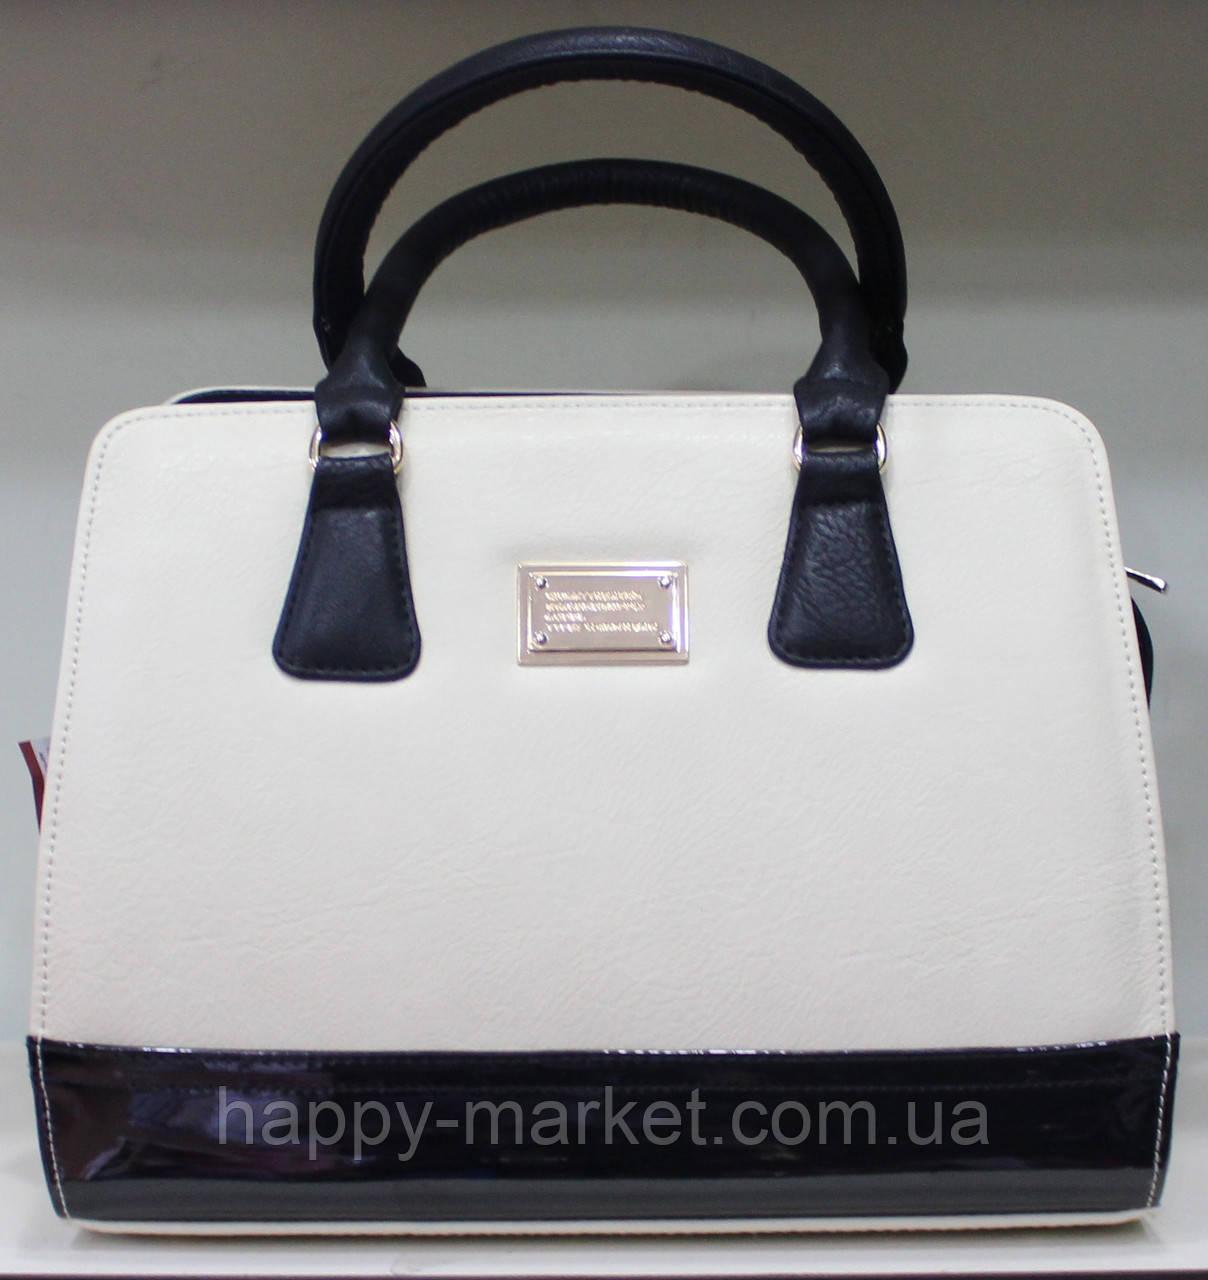 Сумка женская классическая каркасная Fashion  17-1426-16